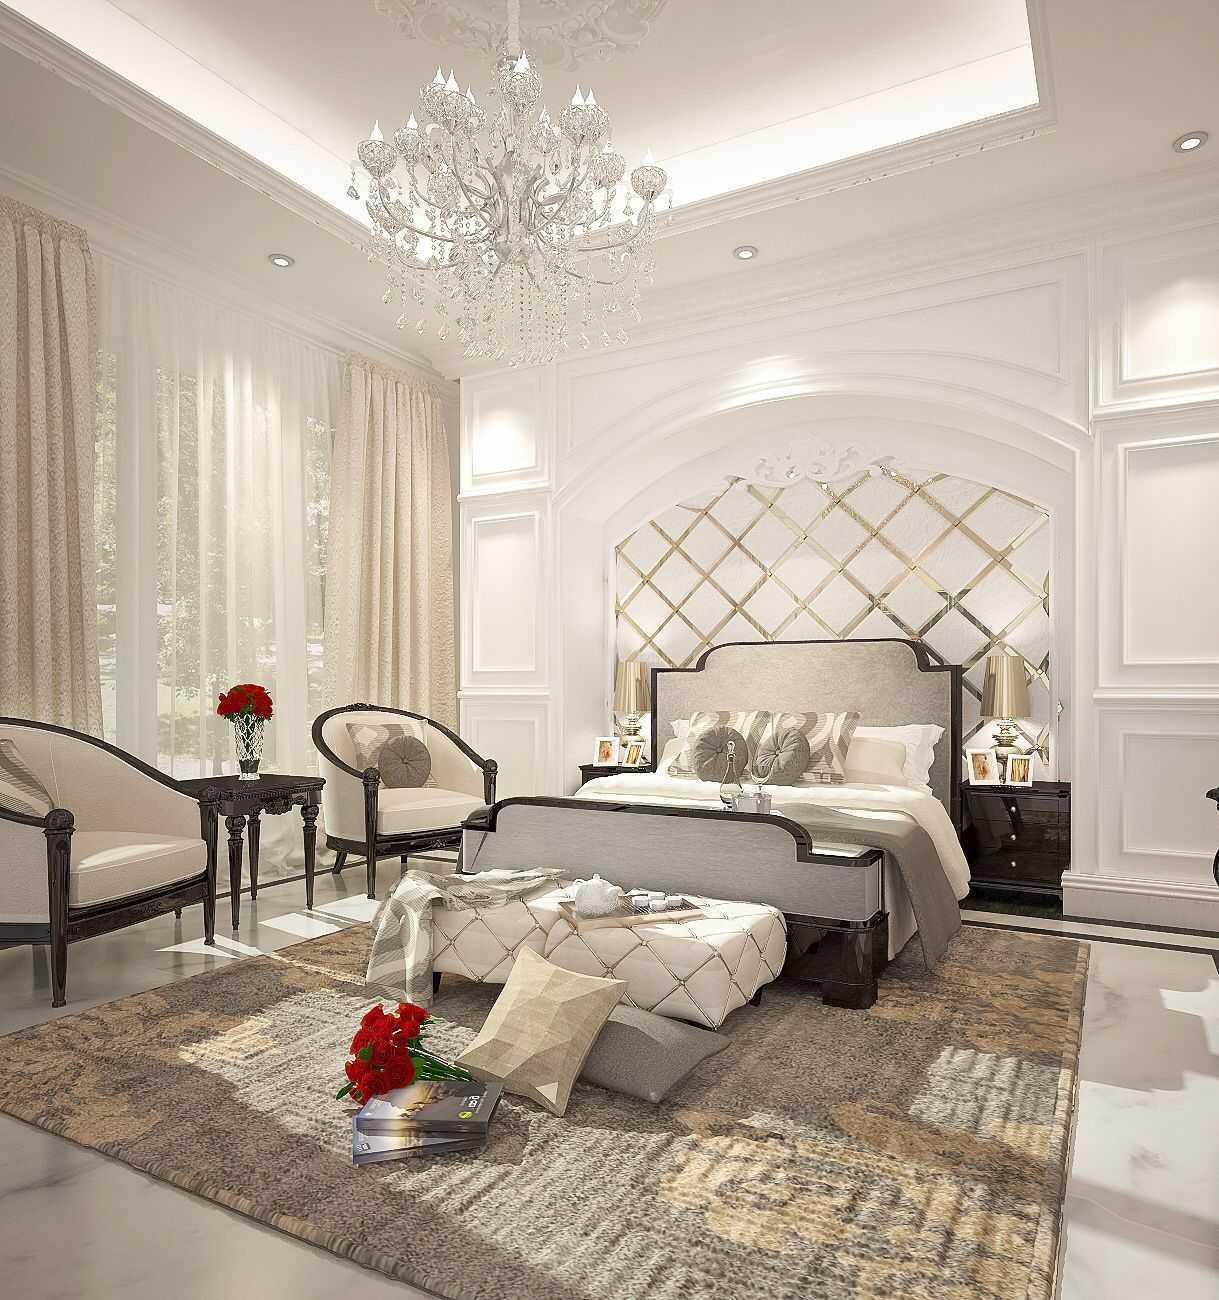 Ky Interior Design Vip House Bogor Bogor, Jawa Barat, Indonesia Bogor, Jawa Barat, Indonesia Master Bedroom  48910